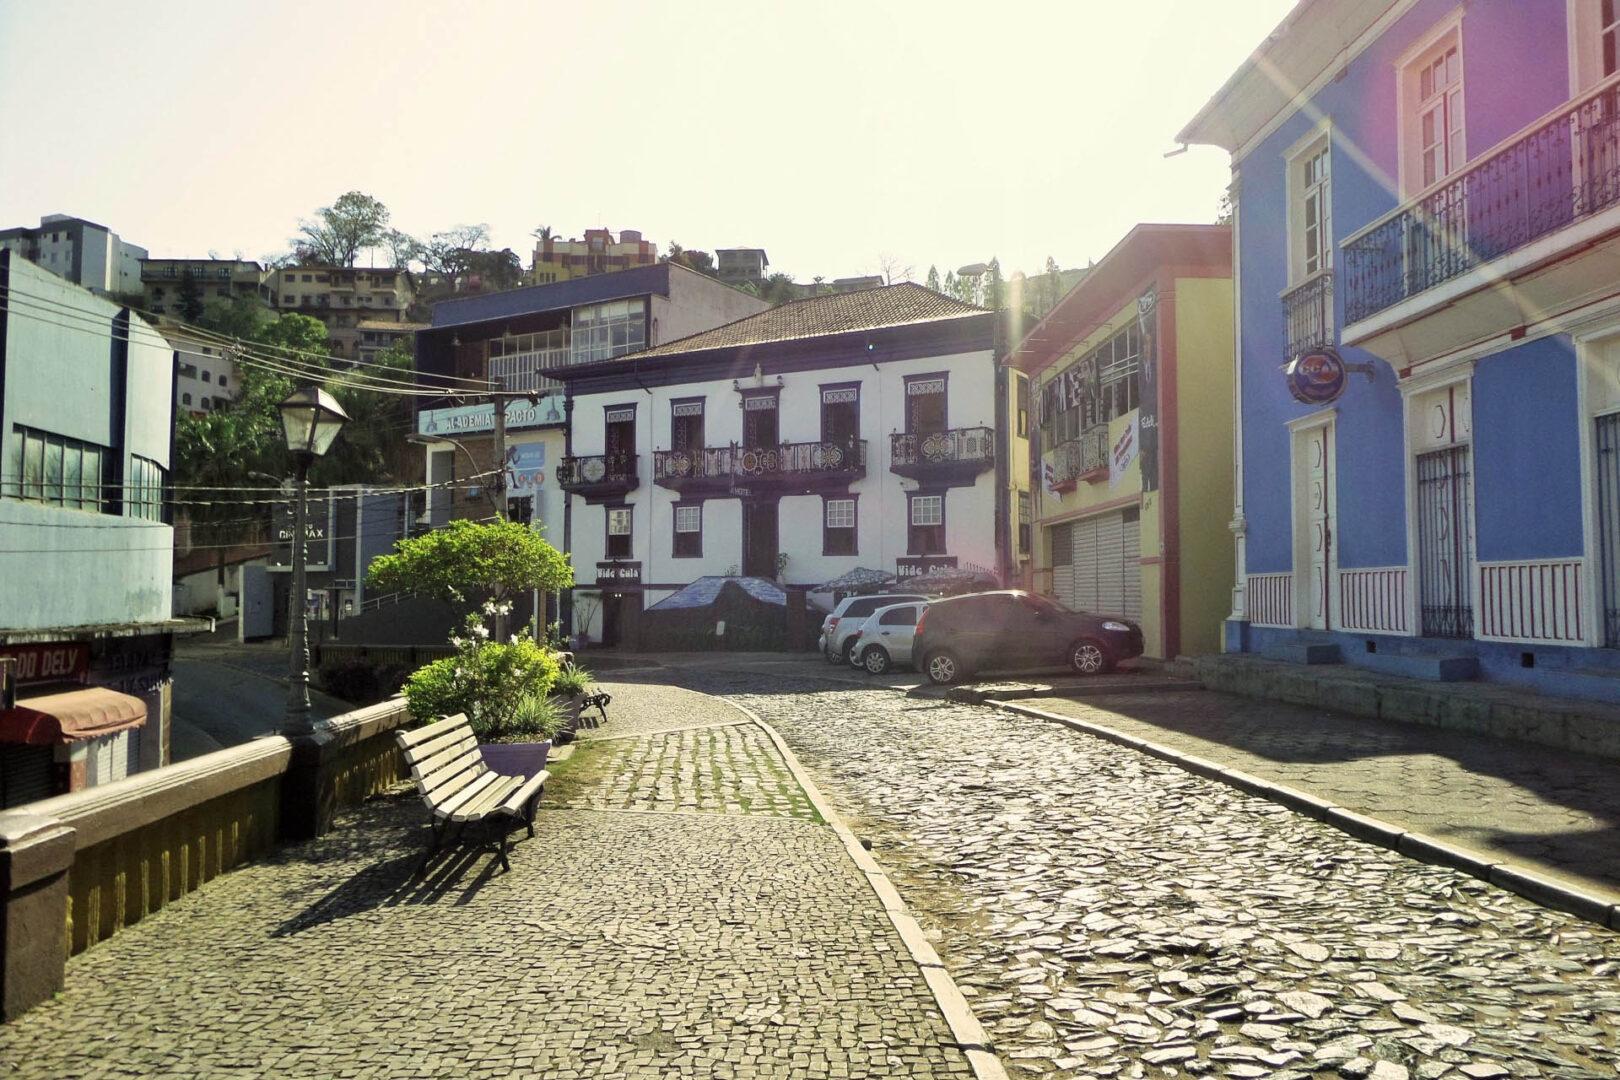 Itabira, ruas calçada em pedra, limpas, como a promessa de dureza com a corrupção para ter alma limpa e ser exemplo.